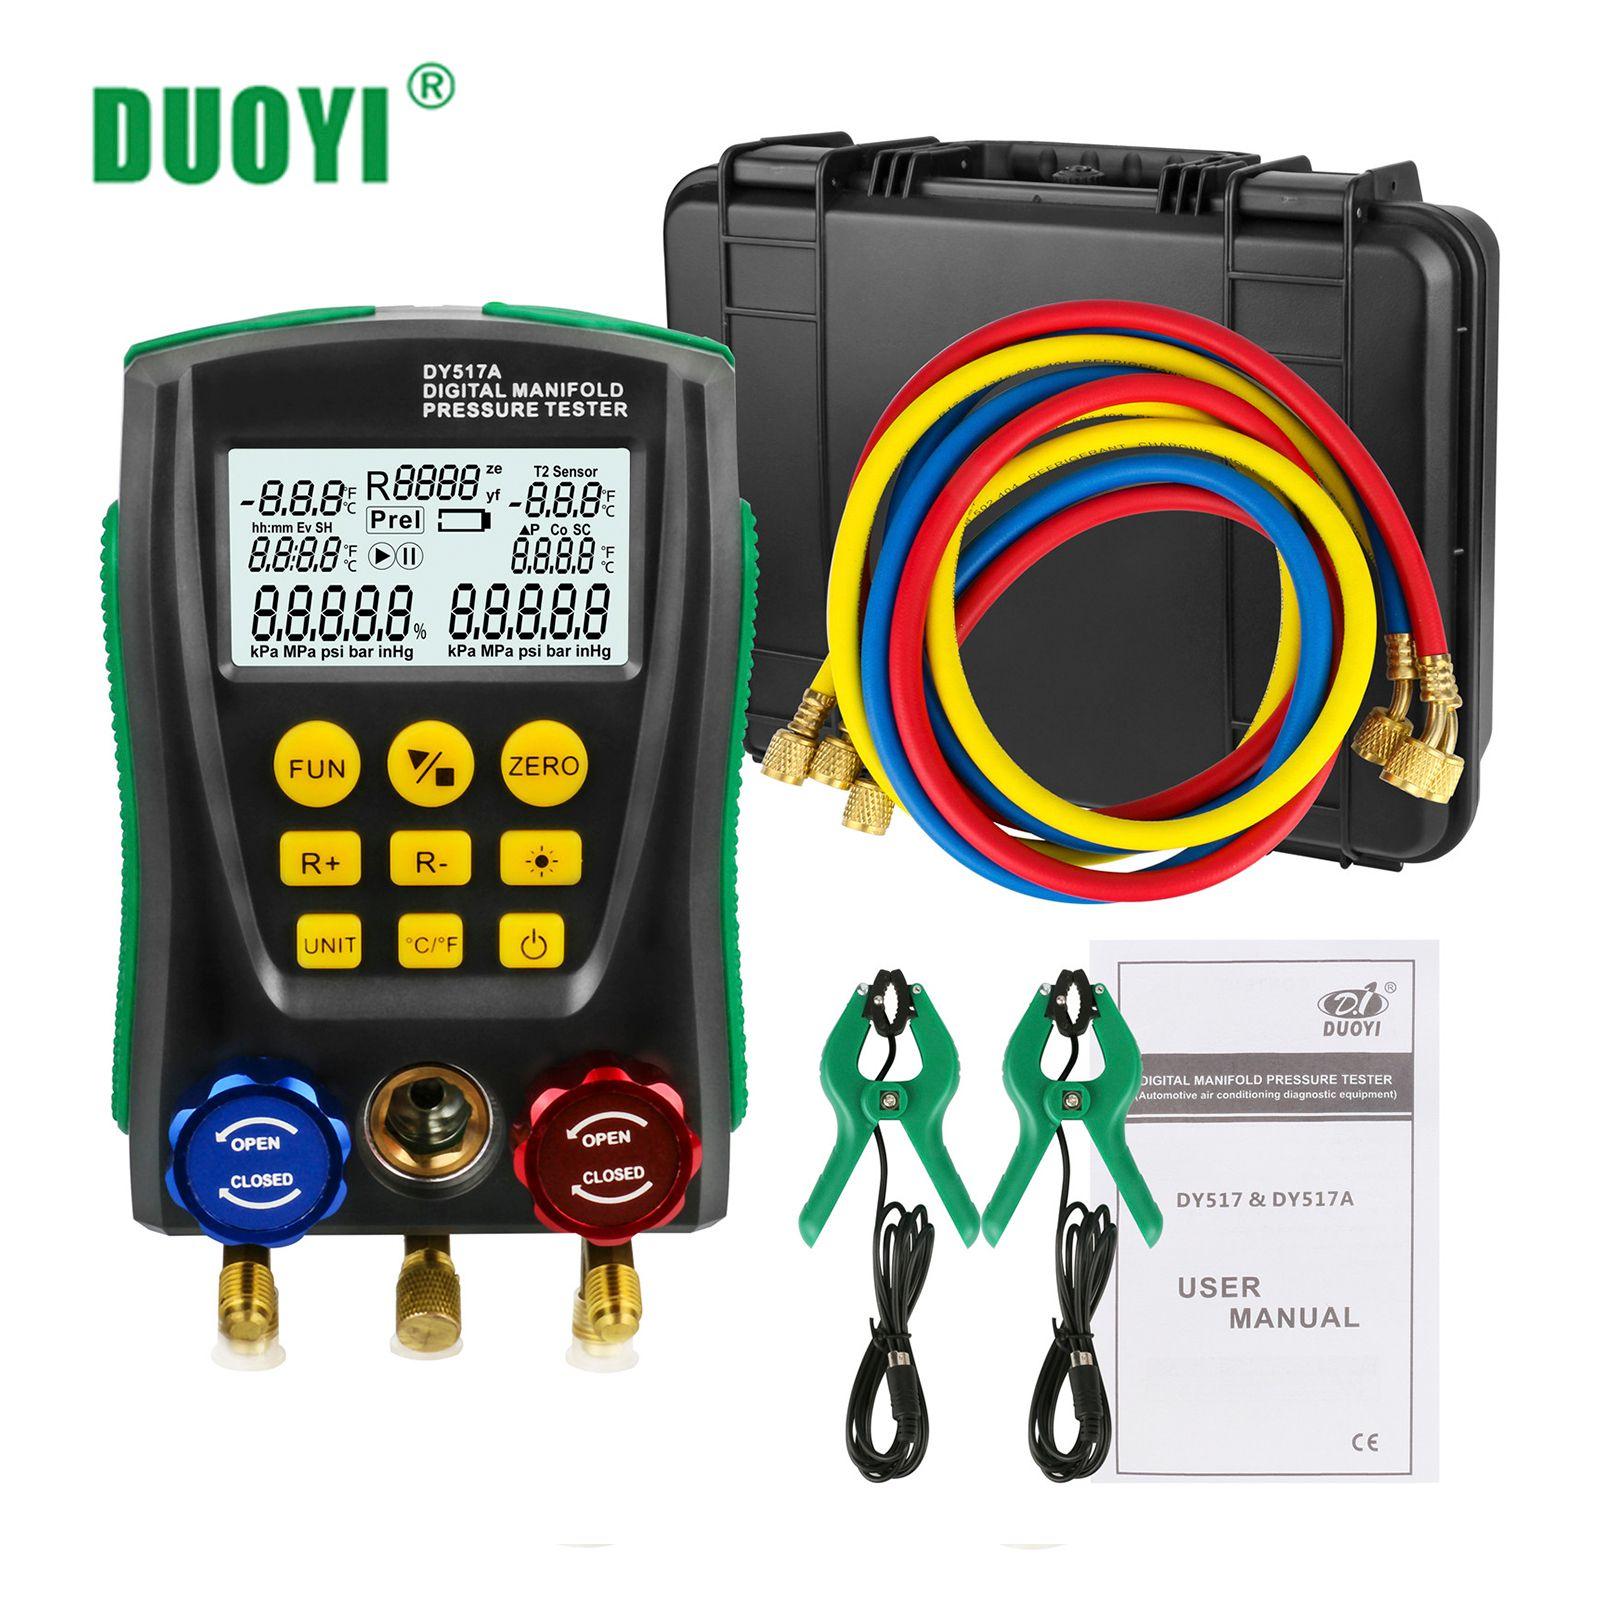 DUOYI réfrigération numérique collecteur ensemble de manomètres pression sous vide température mètre test climatiseur PK TESTO 550